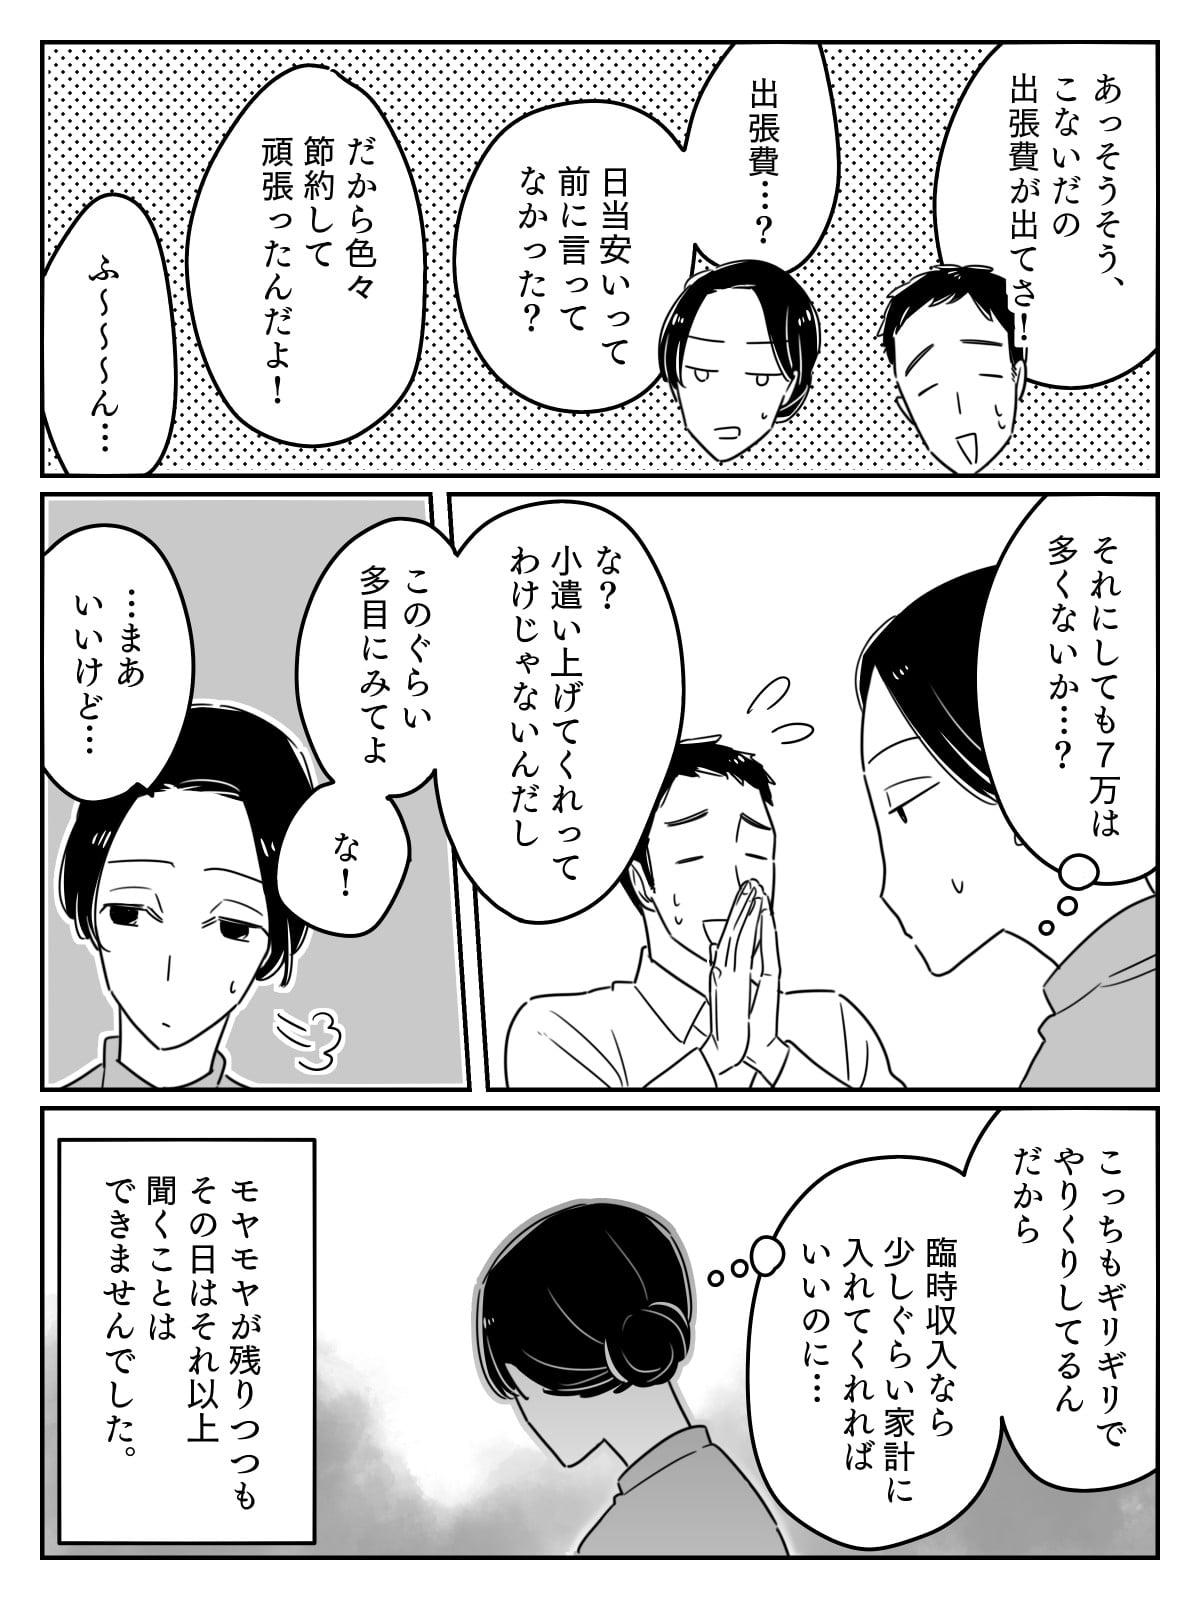 後01 (2)